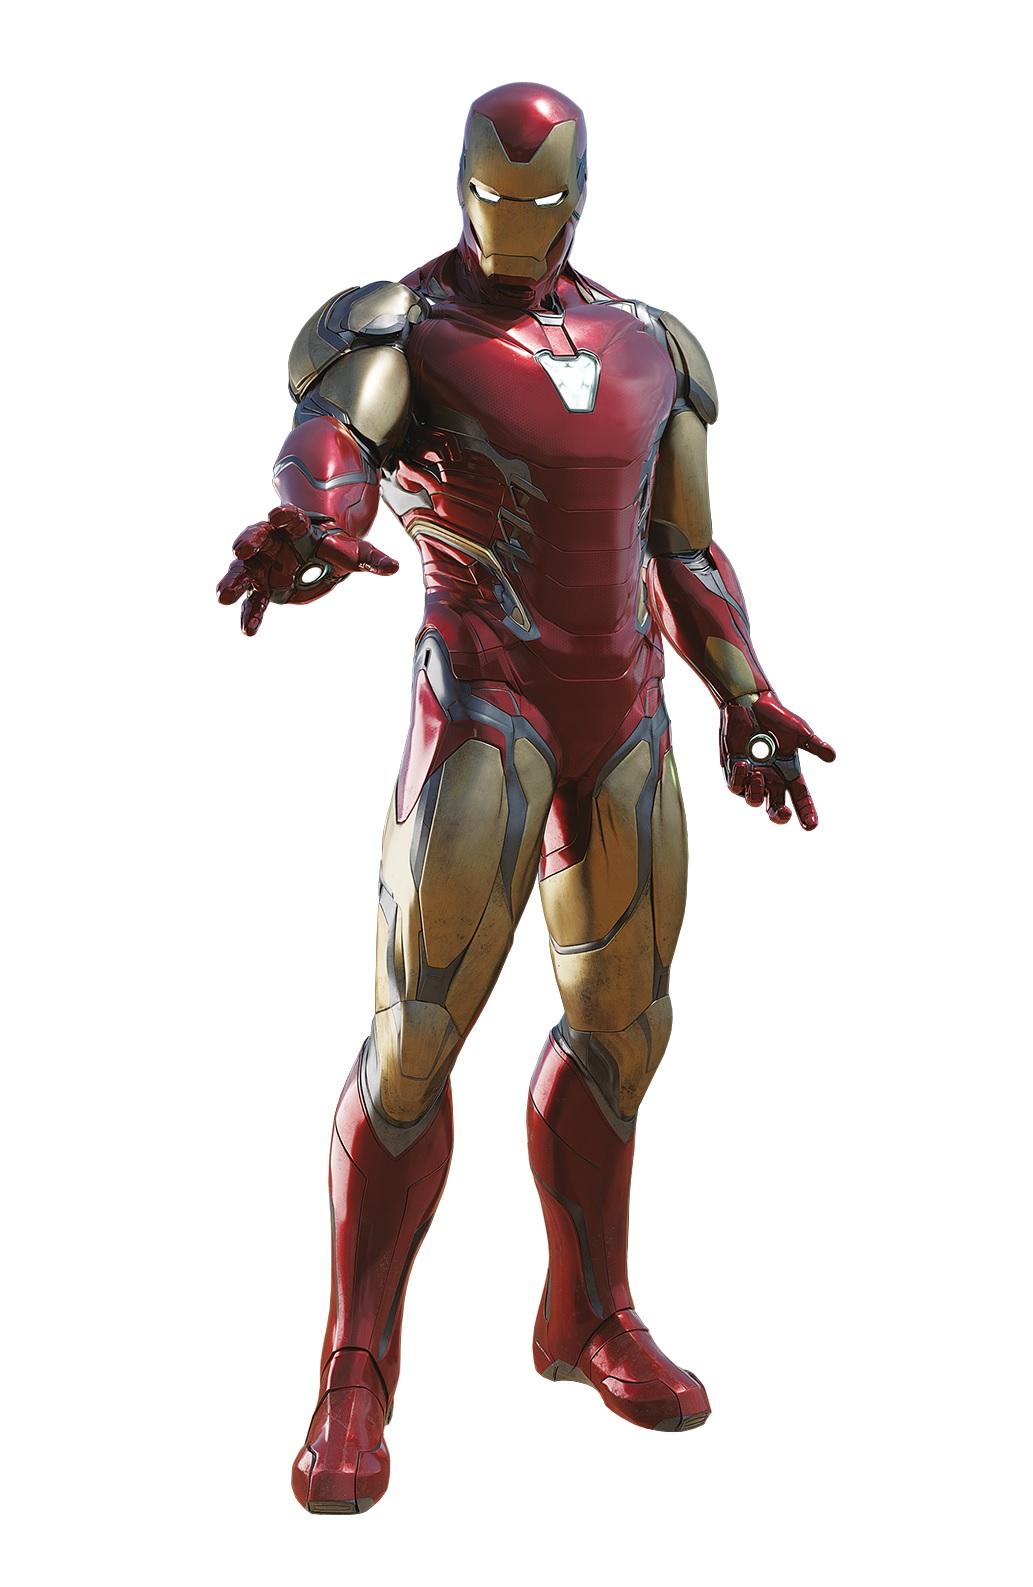 Iron Man Armor MK LXXXV (Earth-199999)